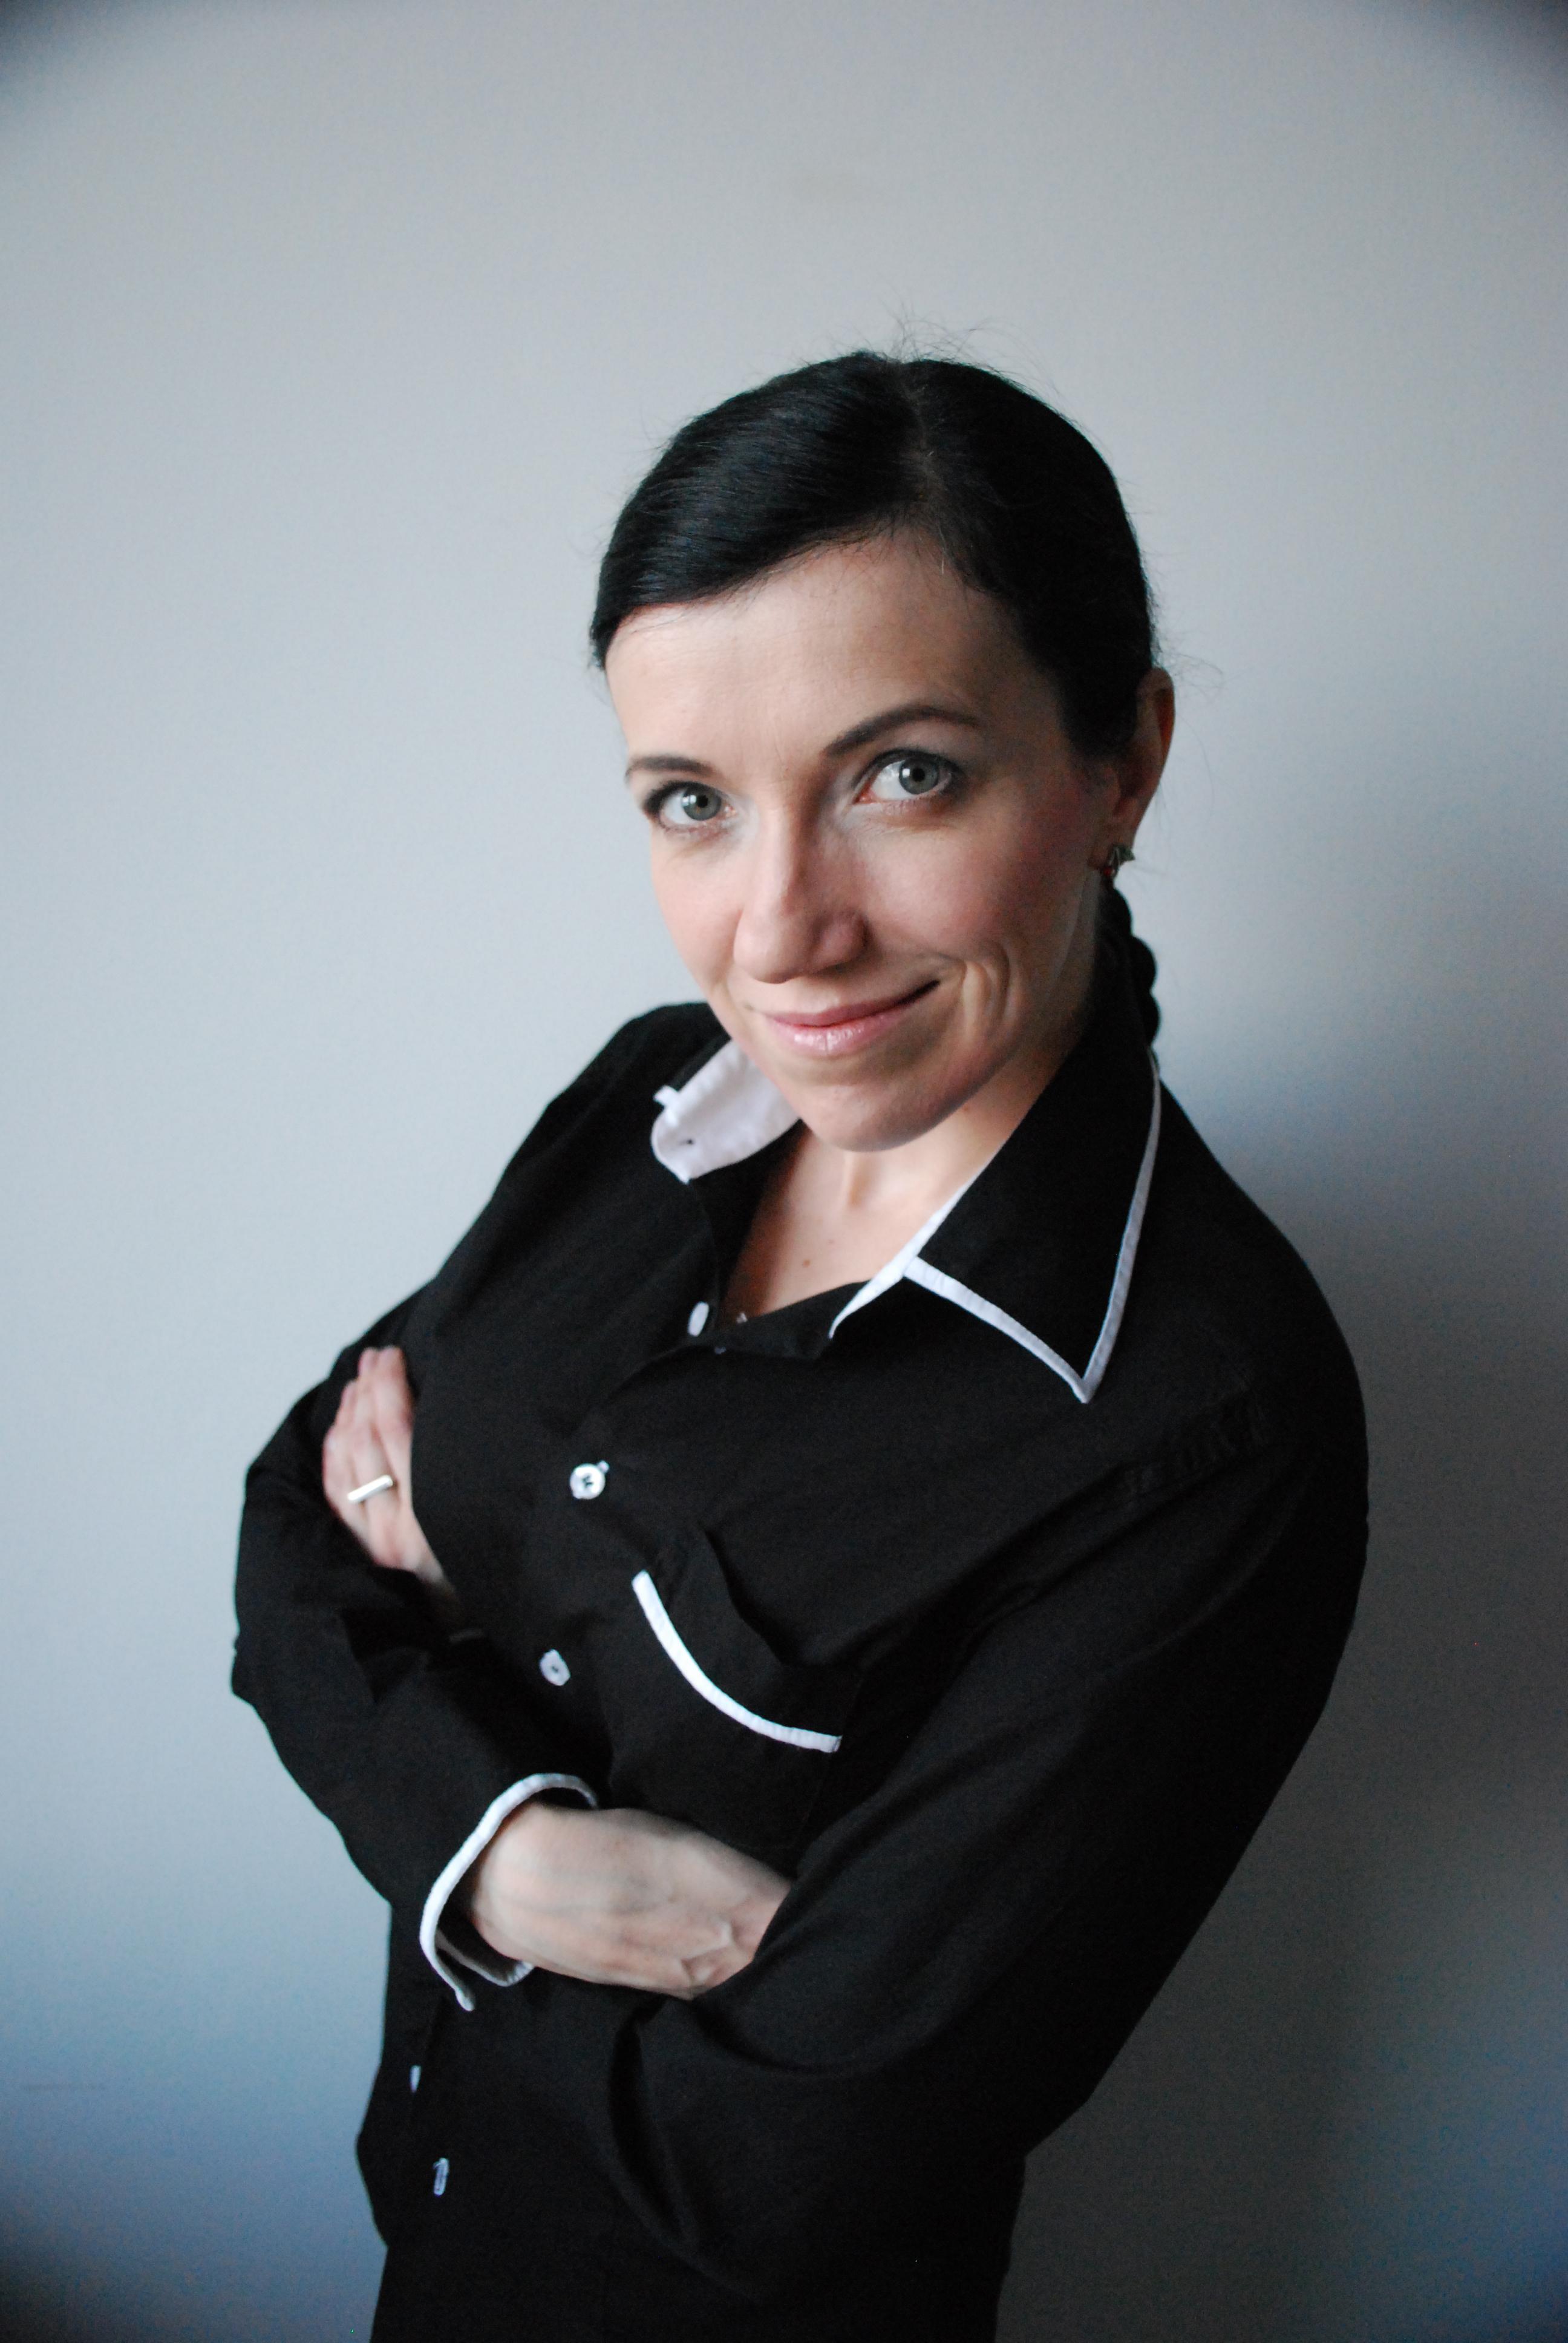 Marta Nowakowicz-Jankowiak